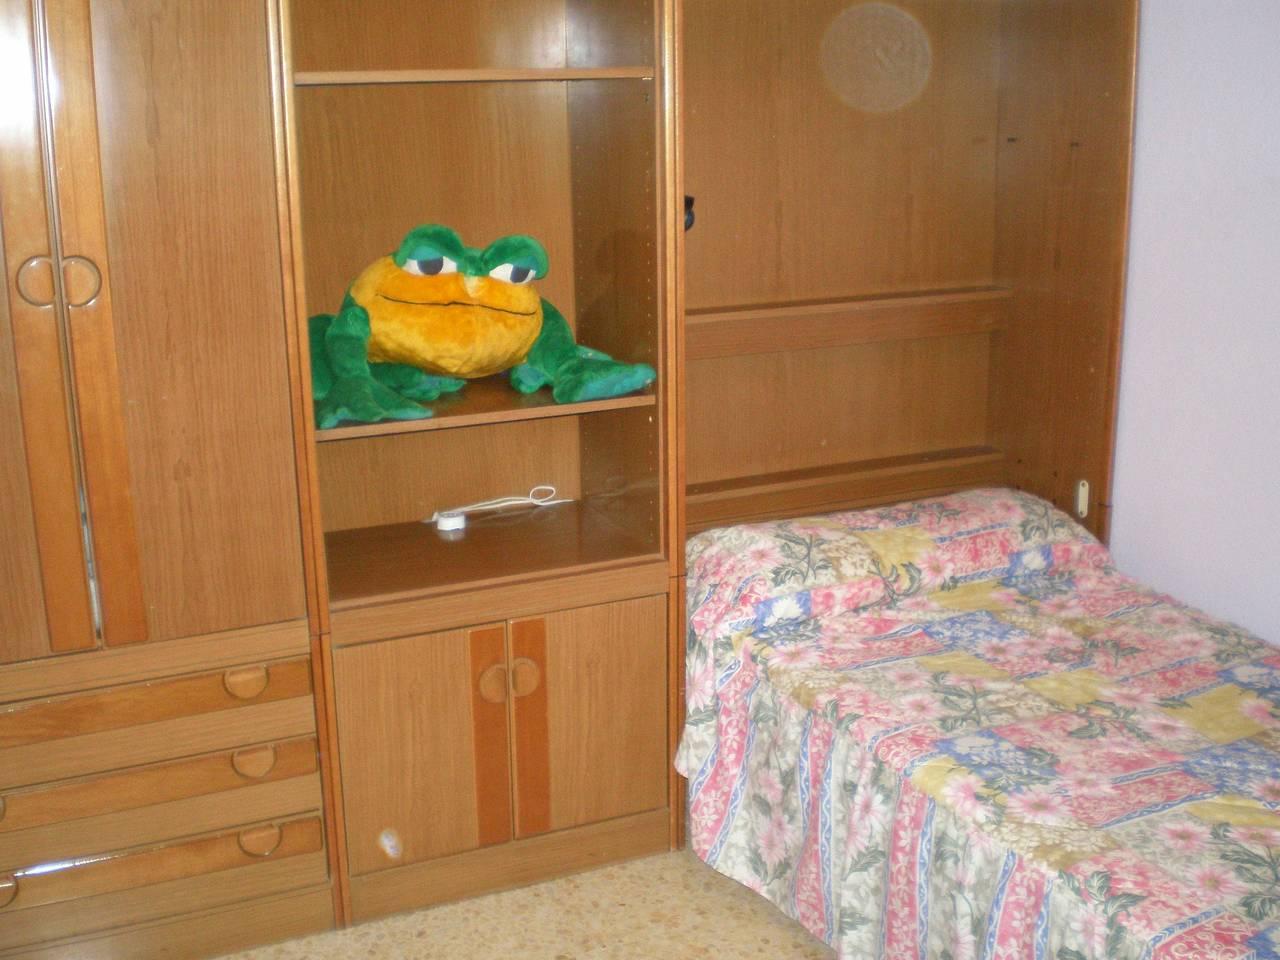 en soria se alquilan habitaciones en piso compartido  - Foto 3